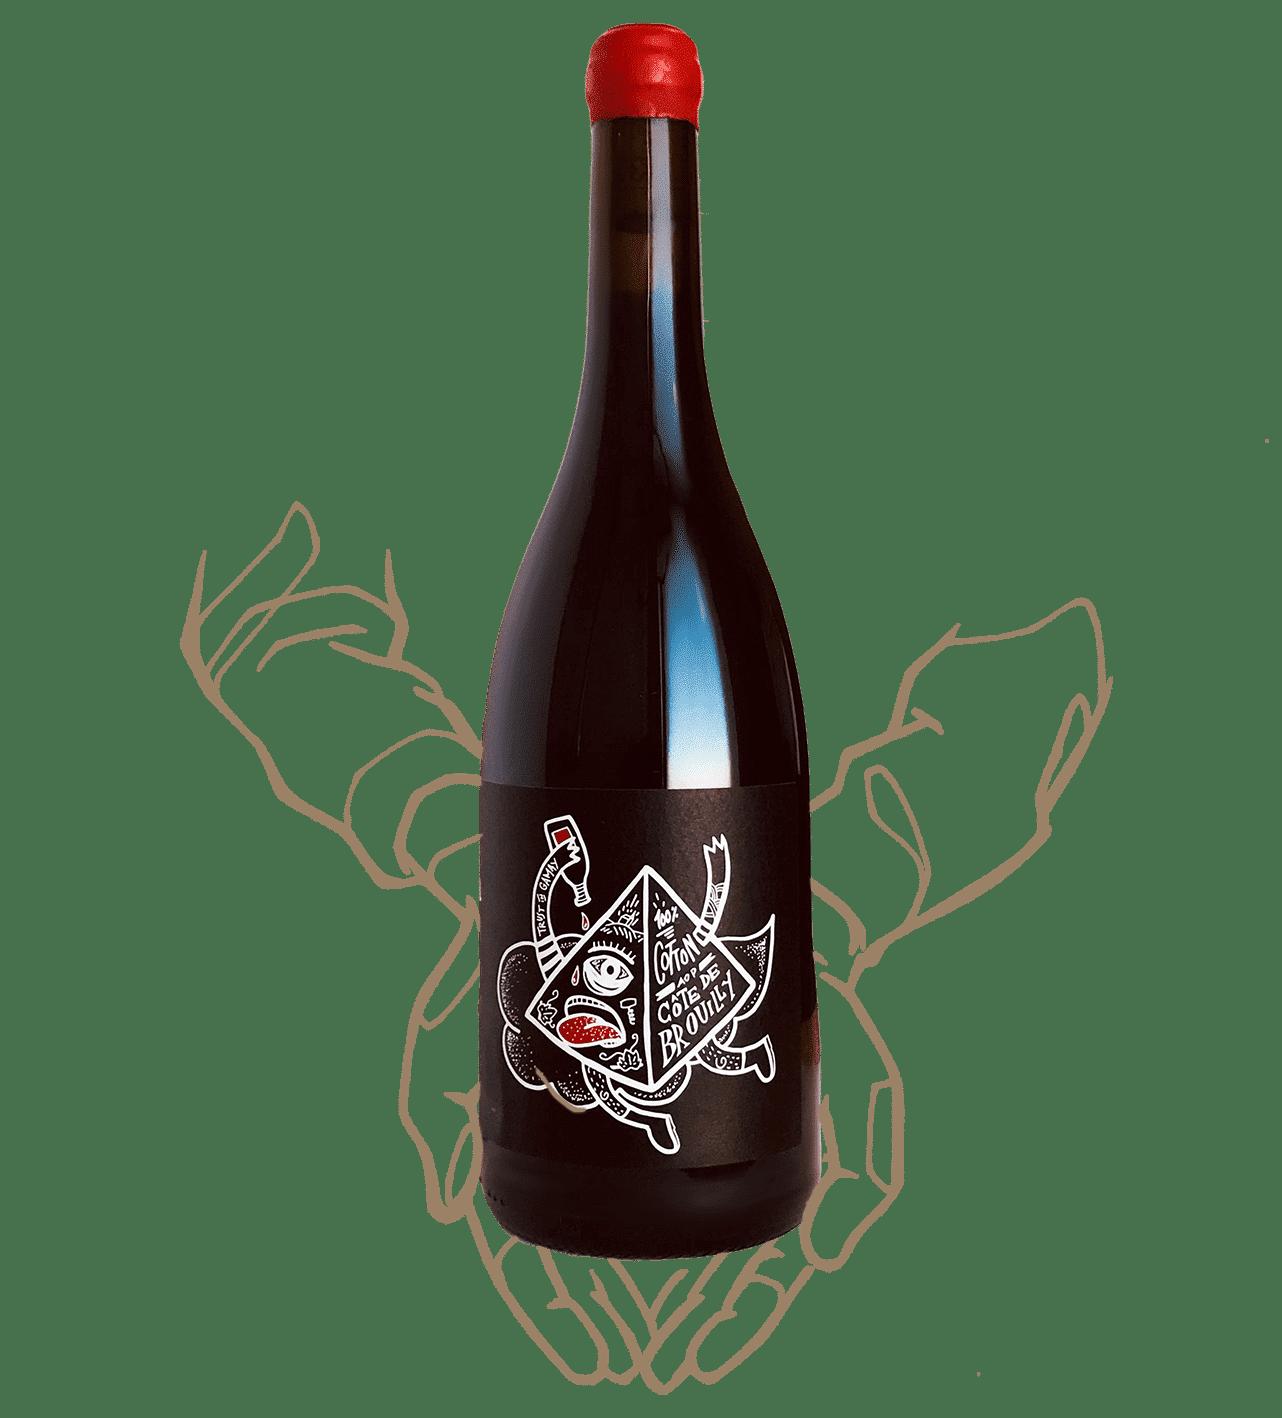 La cuvée Cote de Brouilly de Pierre Cotton est un vin naturel du Beaujolais